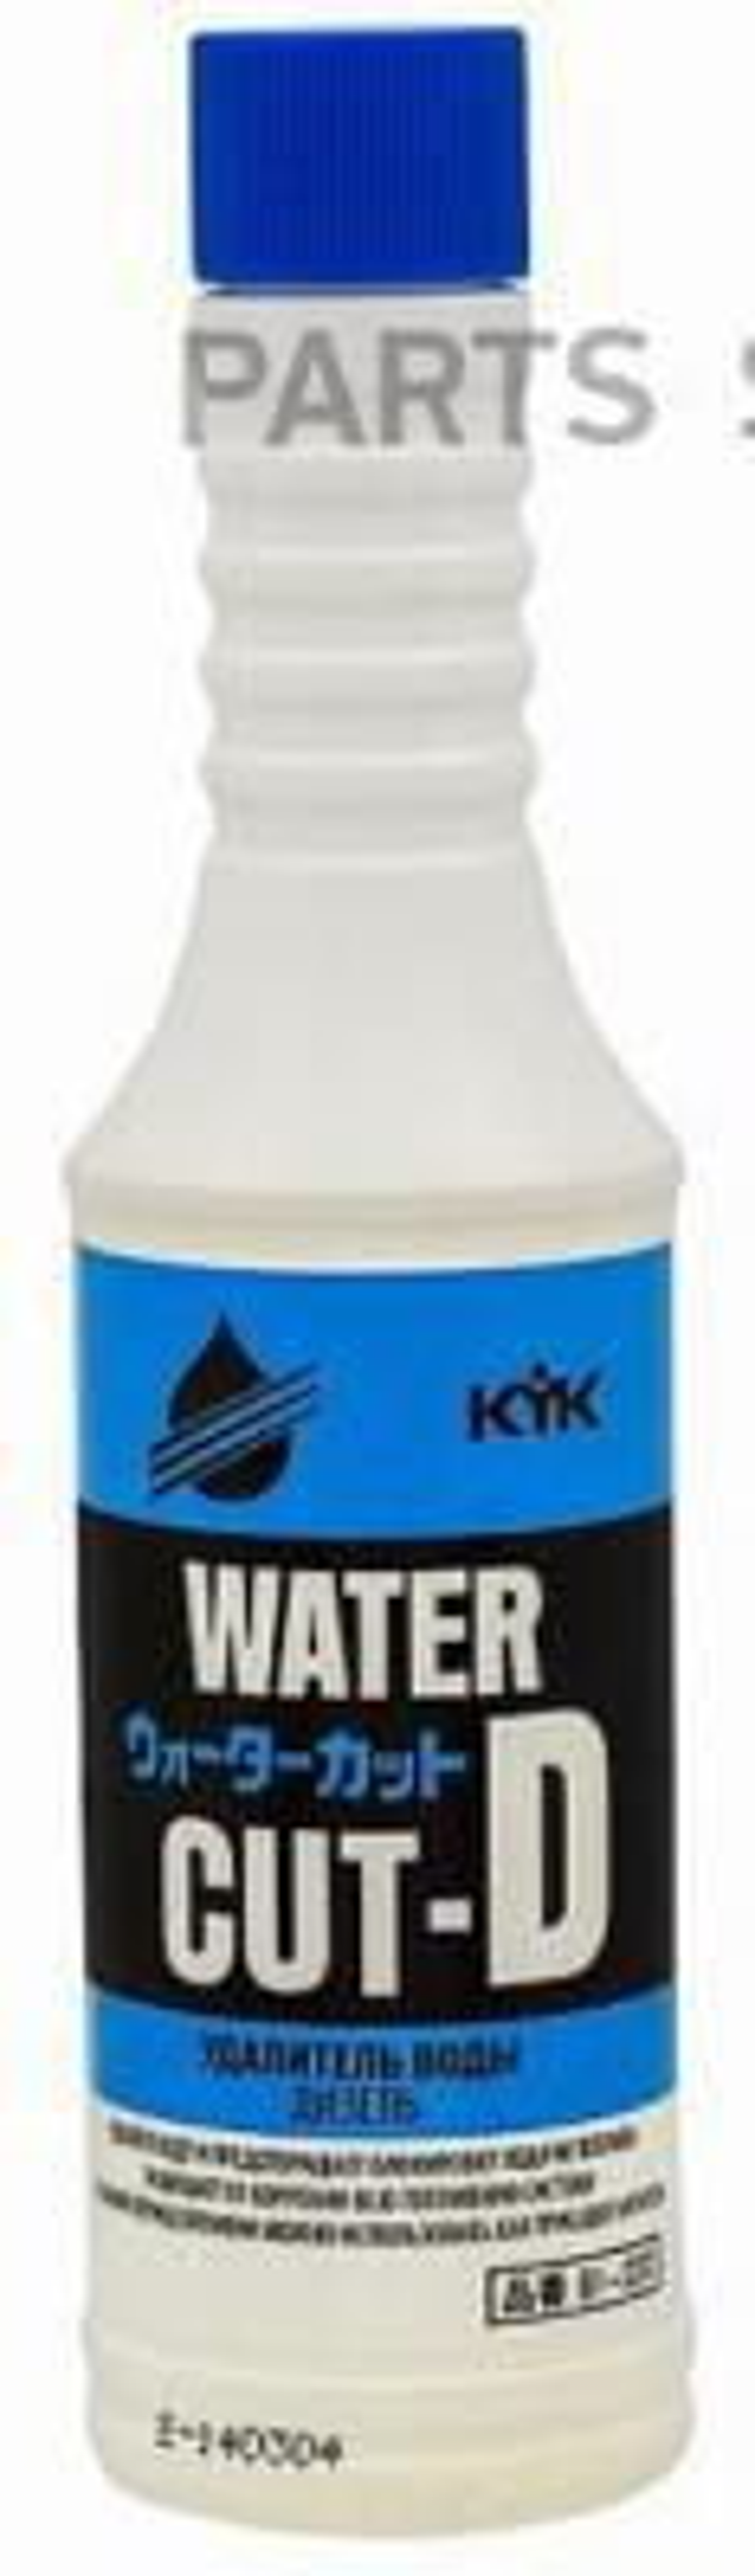 Присадка вытеснитель влаги из топлива KYK Water Cut-D